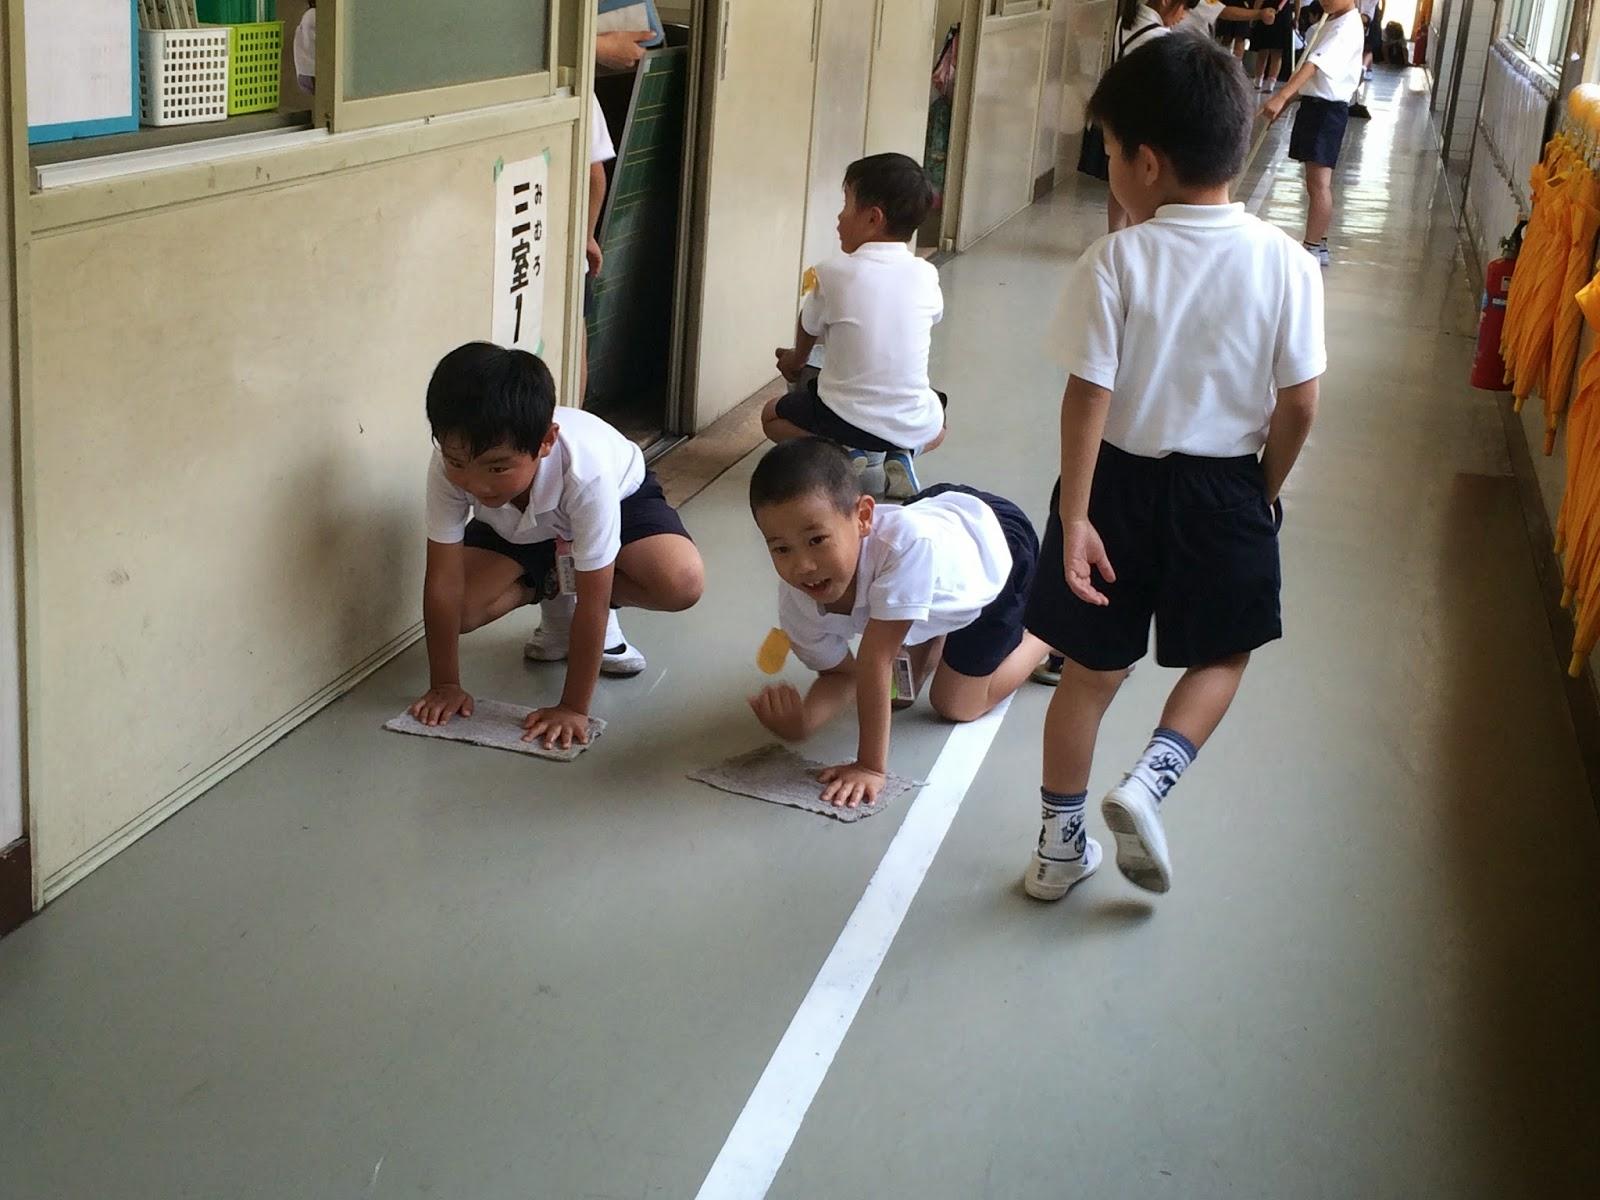 Dọn vệ sinh lớp học - bài học đặc biệt của trẻ em Nhật ...